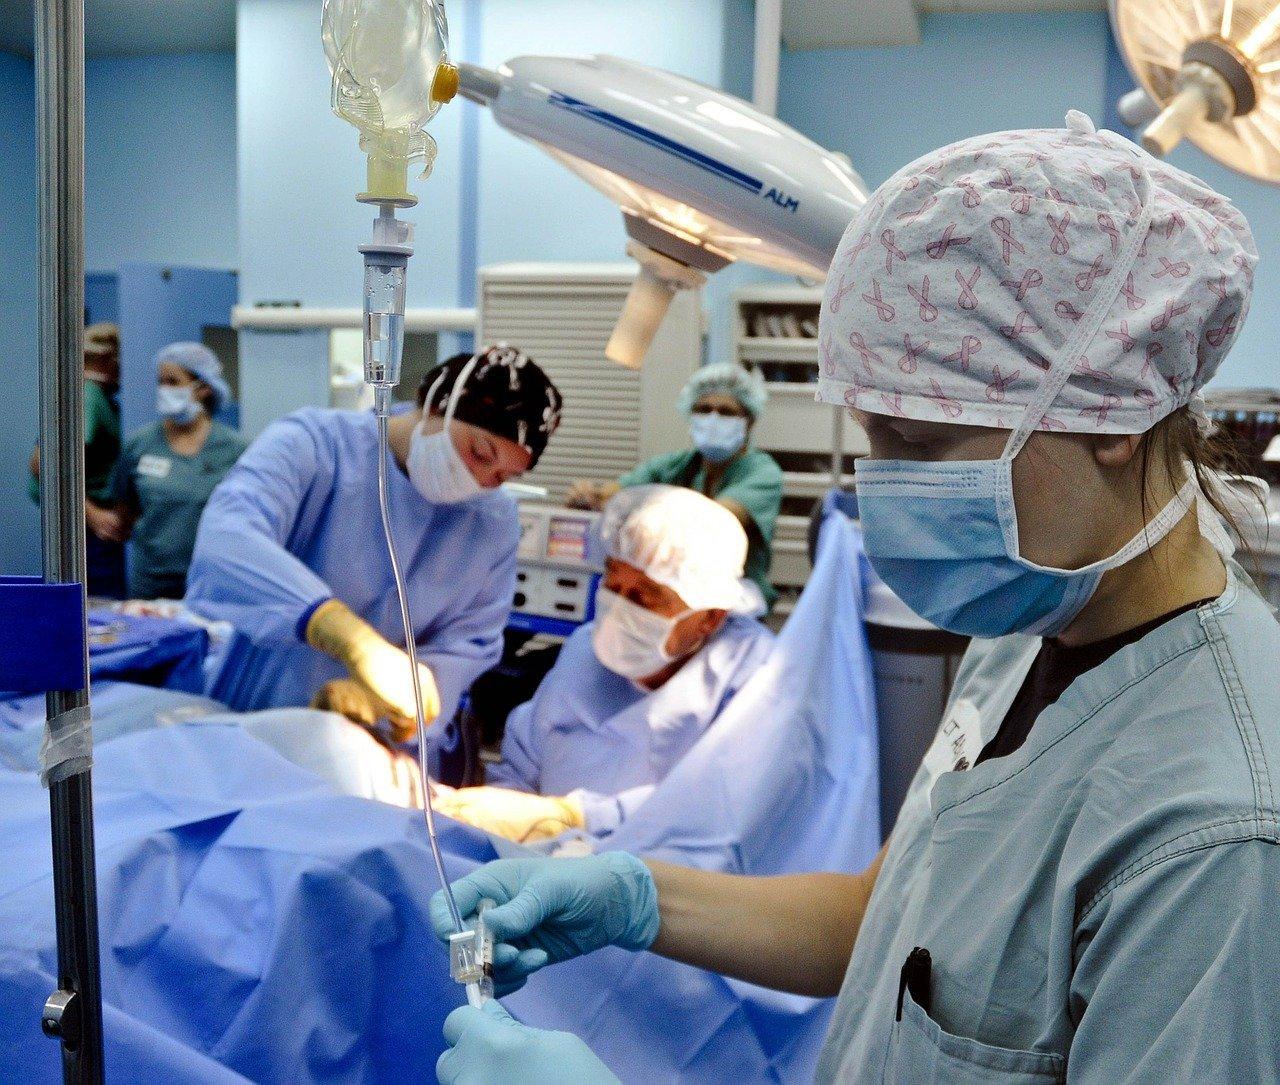 Ministerstvo: Nemocnice dostaly 12,4 miliardy Kč na odměny, mohou je vyplatit